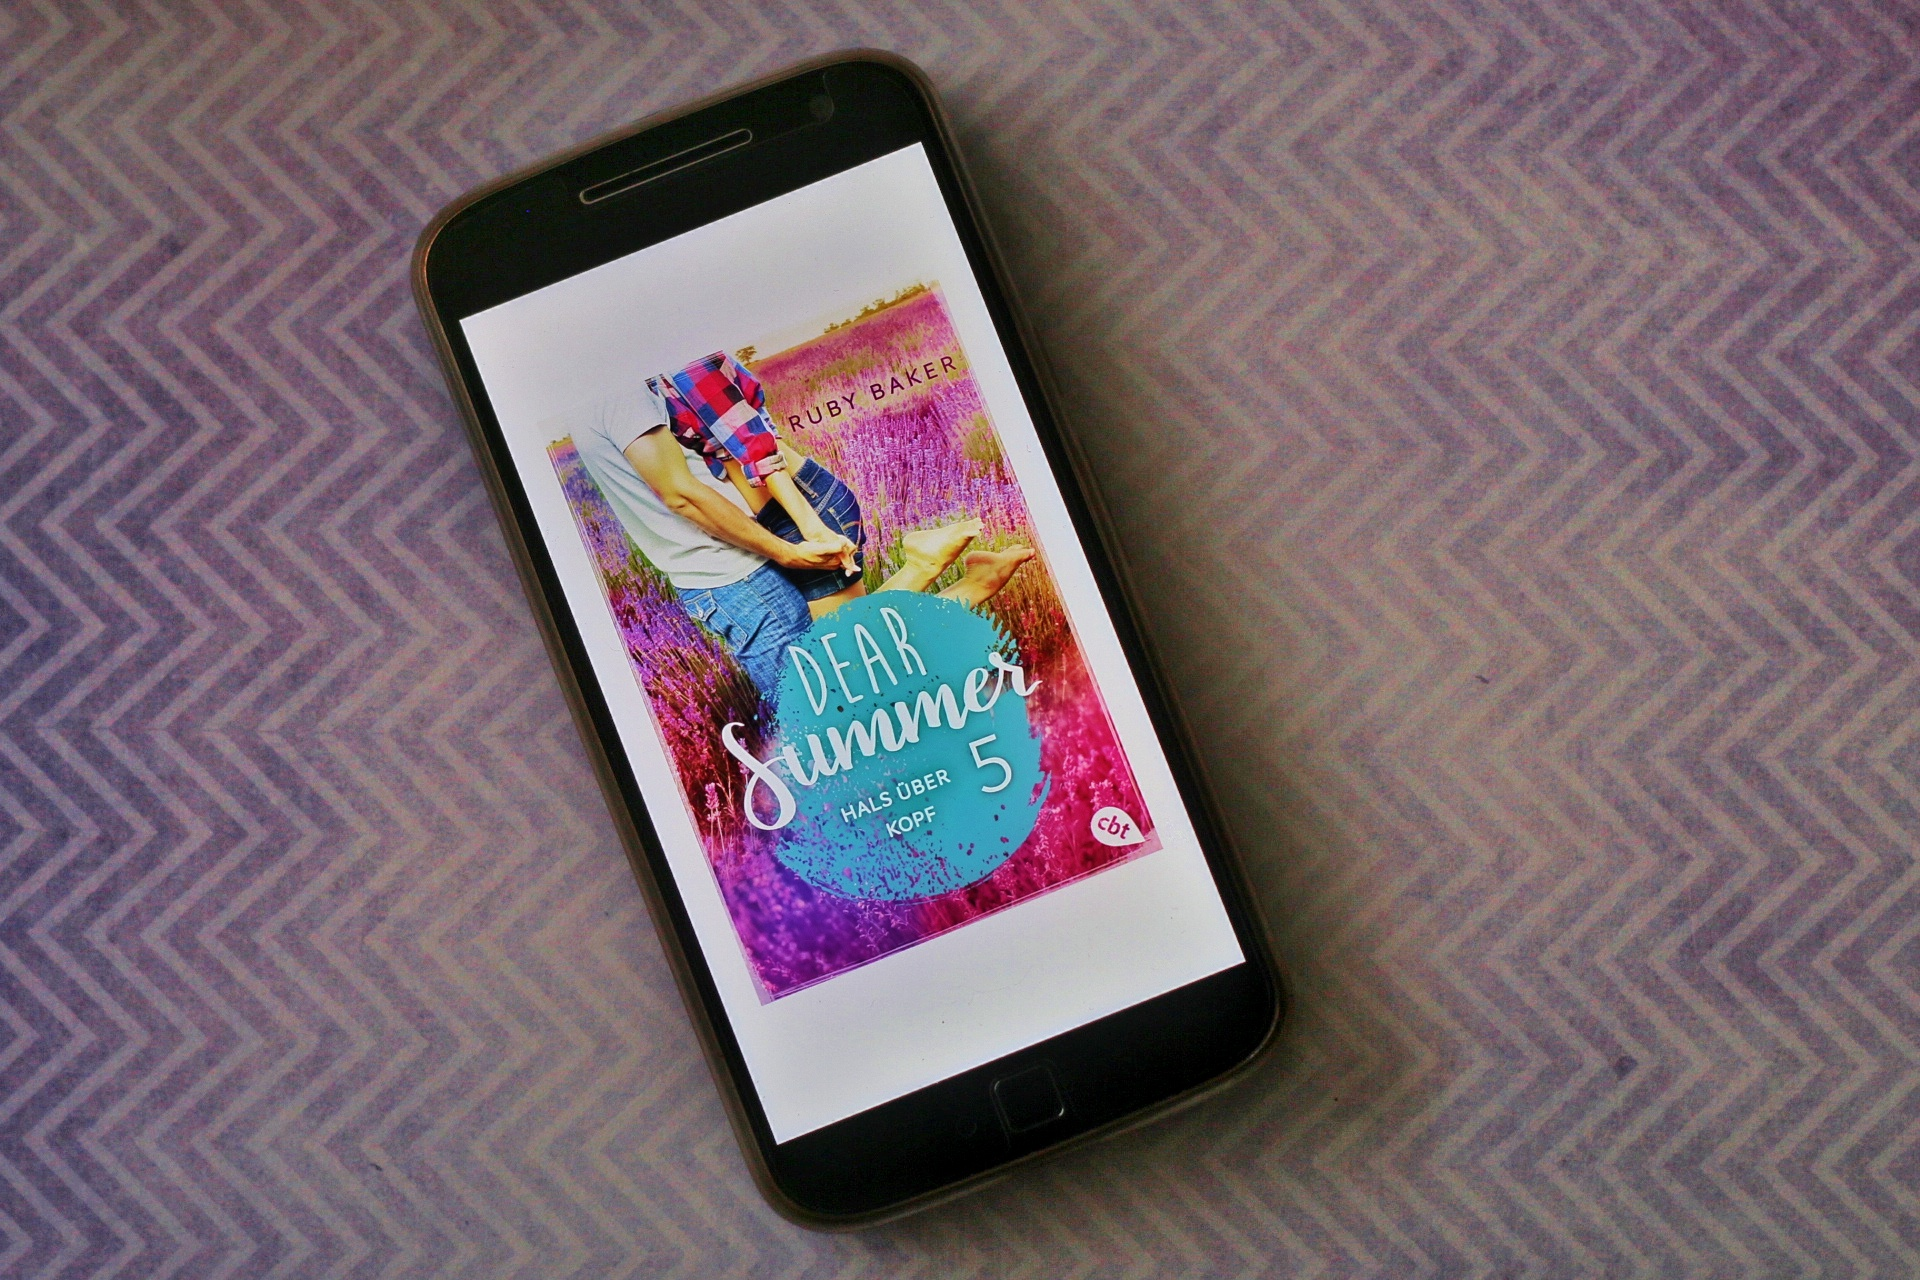 Ruby Baker Dear Summer 5 Hals über Kopf Cover lila Lavendel cbt Randomhouse